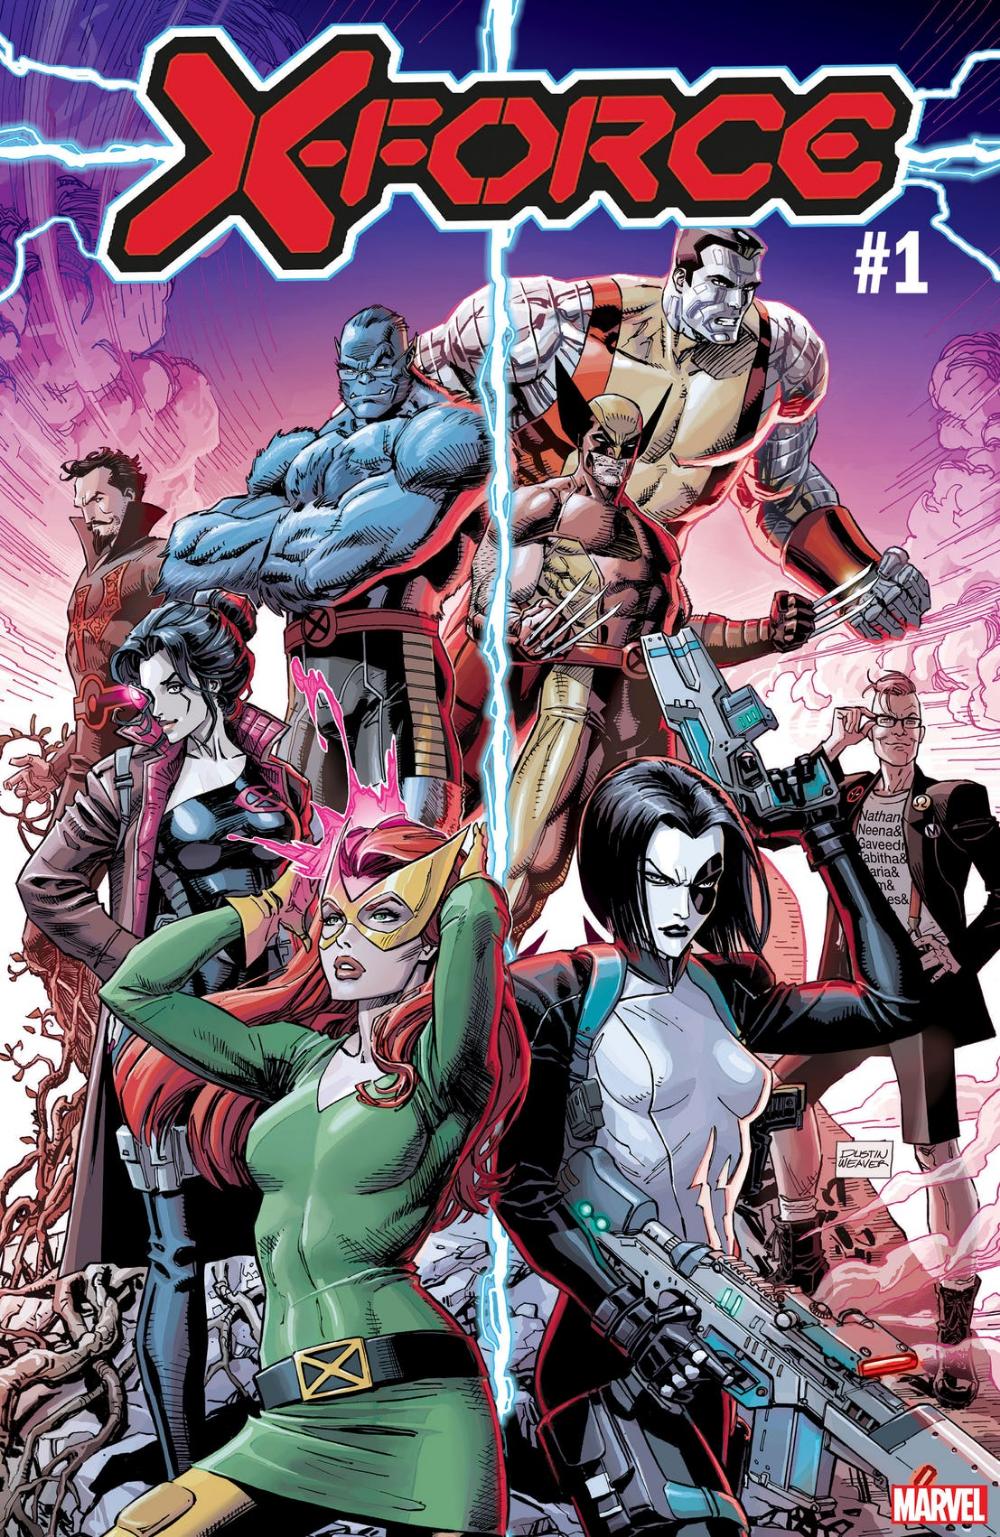 Marvel Comics Unveils New X Men Comics At Sdcc 2019 Cbr Marvel X Men Marvel Comics Art